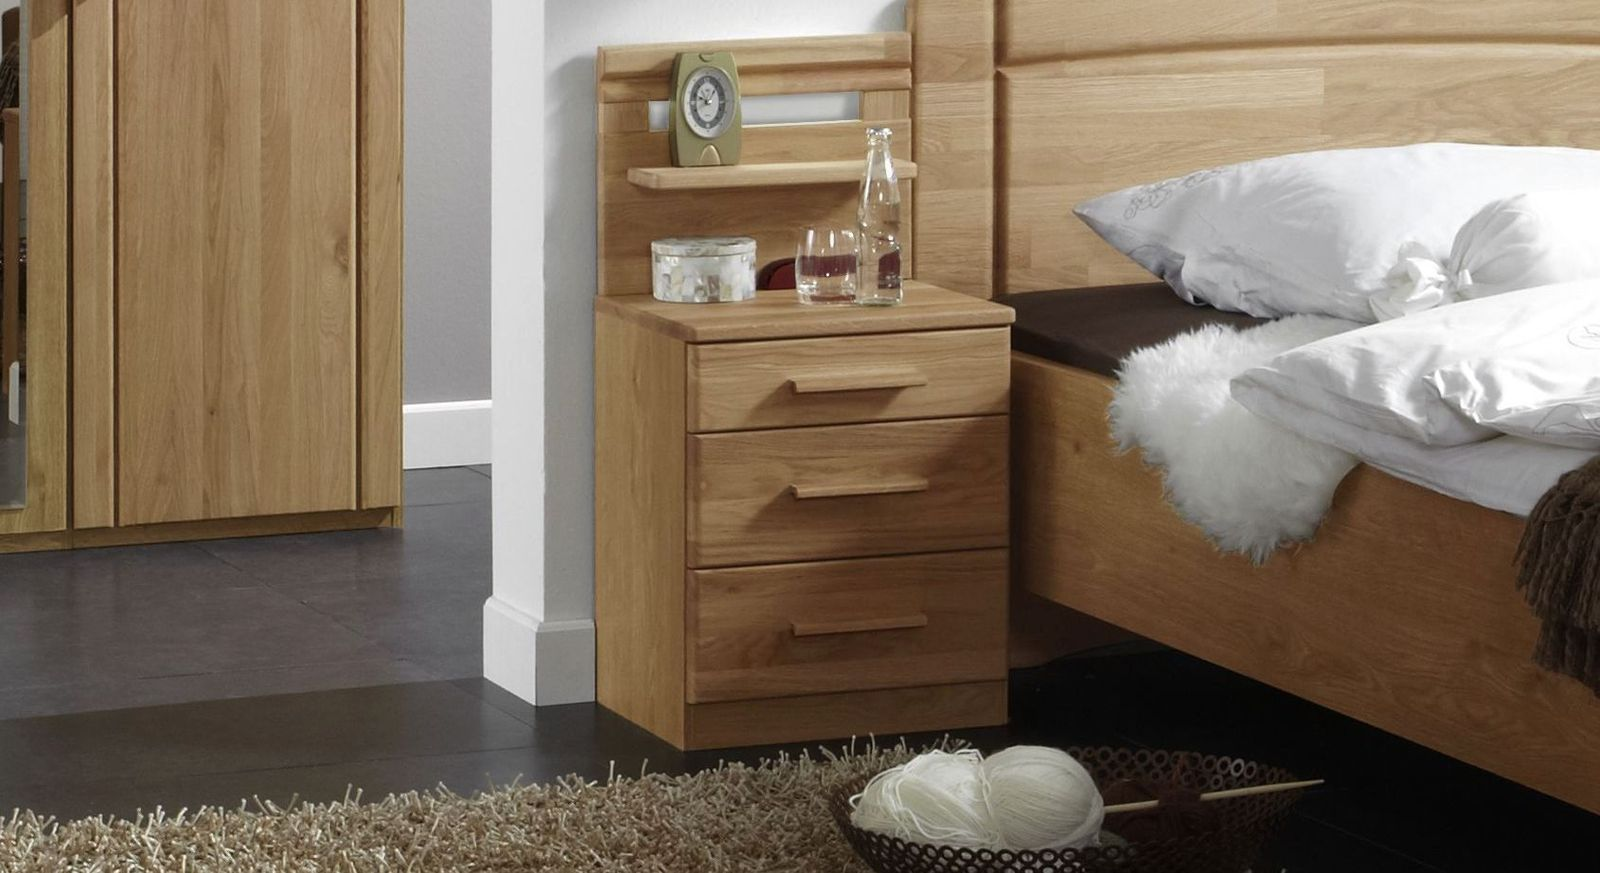 kchentisch schmal best medium size of schmaler nachttisch. Black Bedroom Furniture Sets. Home Design Ideas